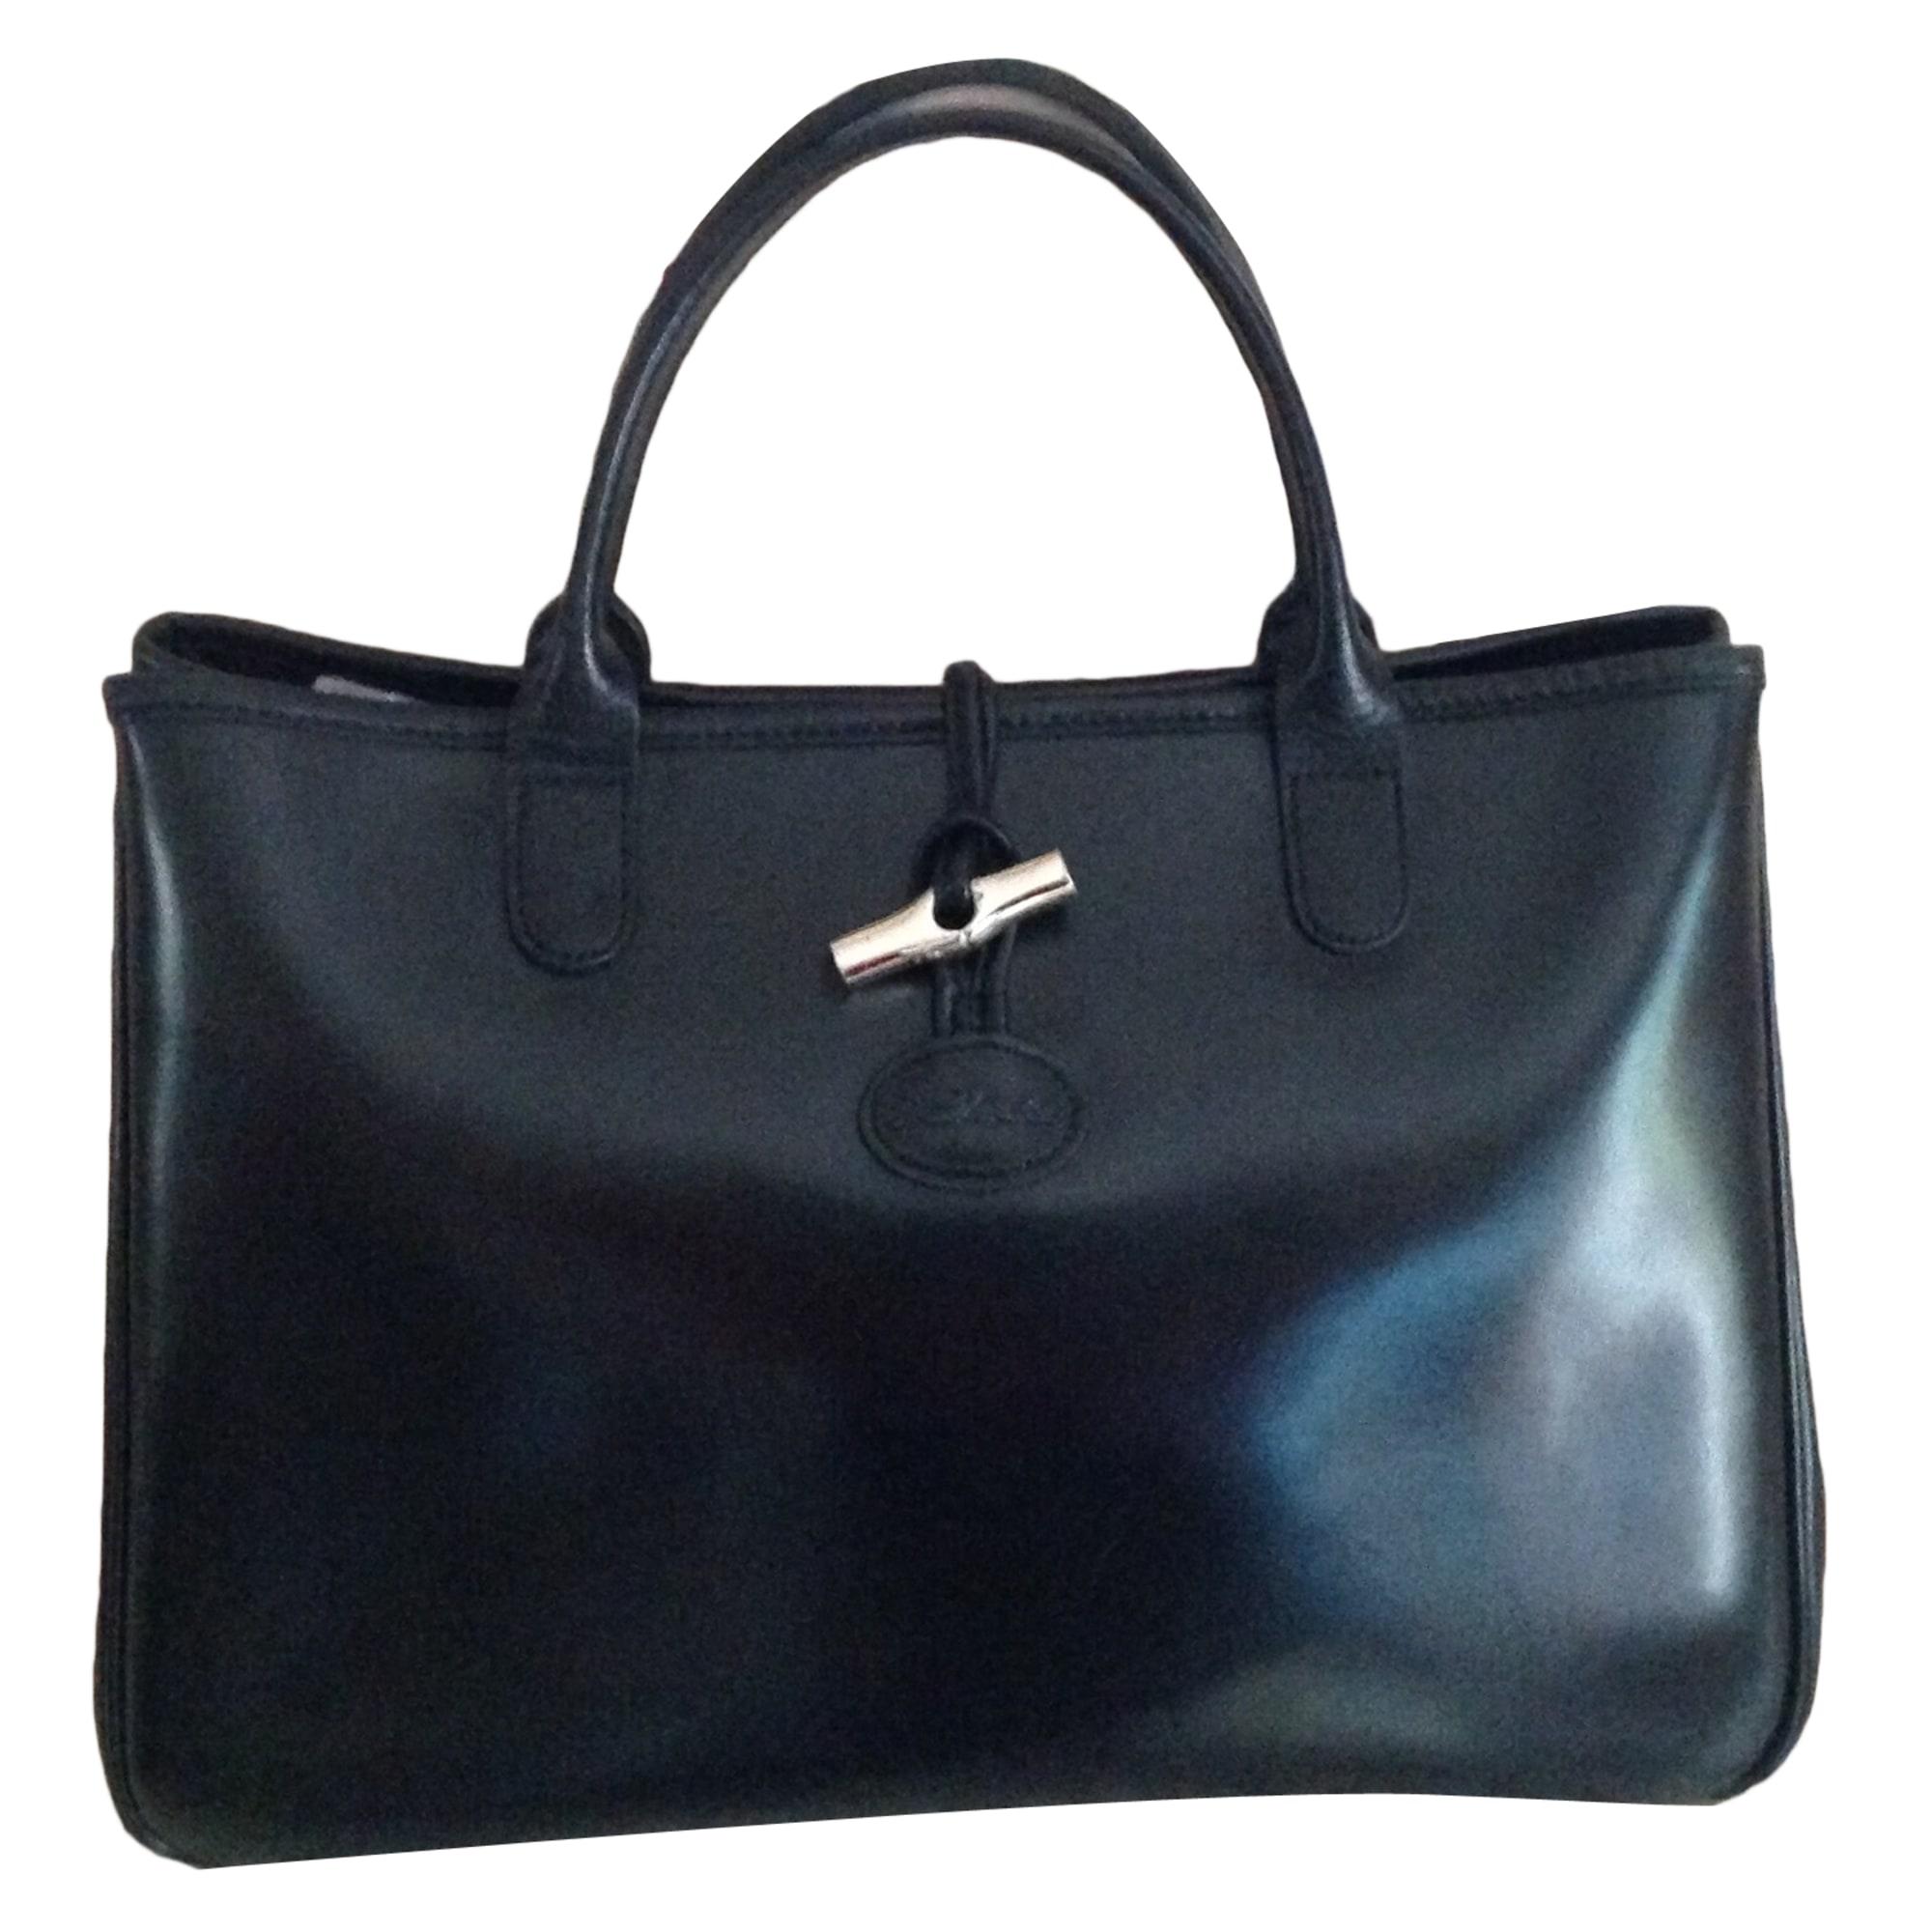 3472b4c983d Sac à main en cuir LONGCHAMP noir brillant vendu par Yonit - 4867820